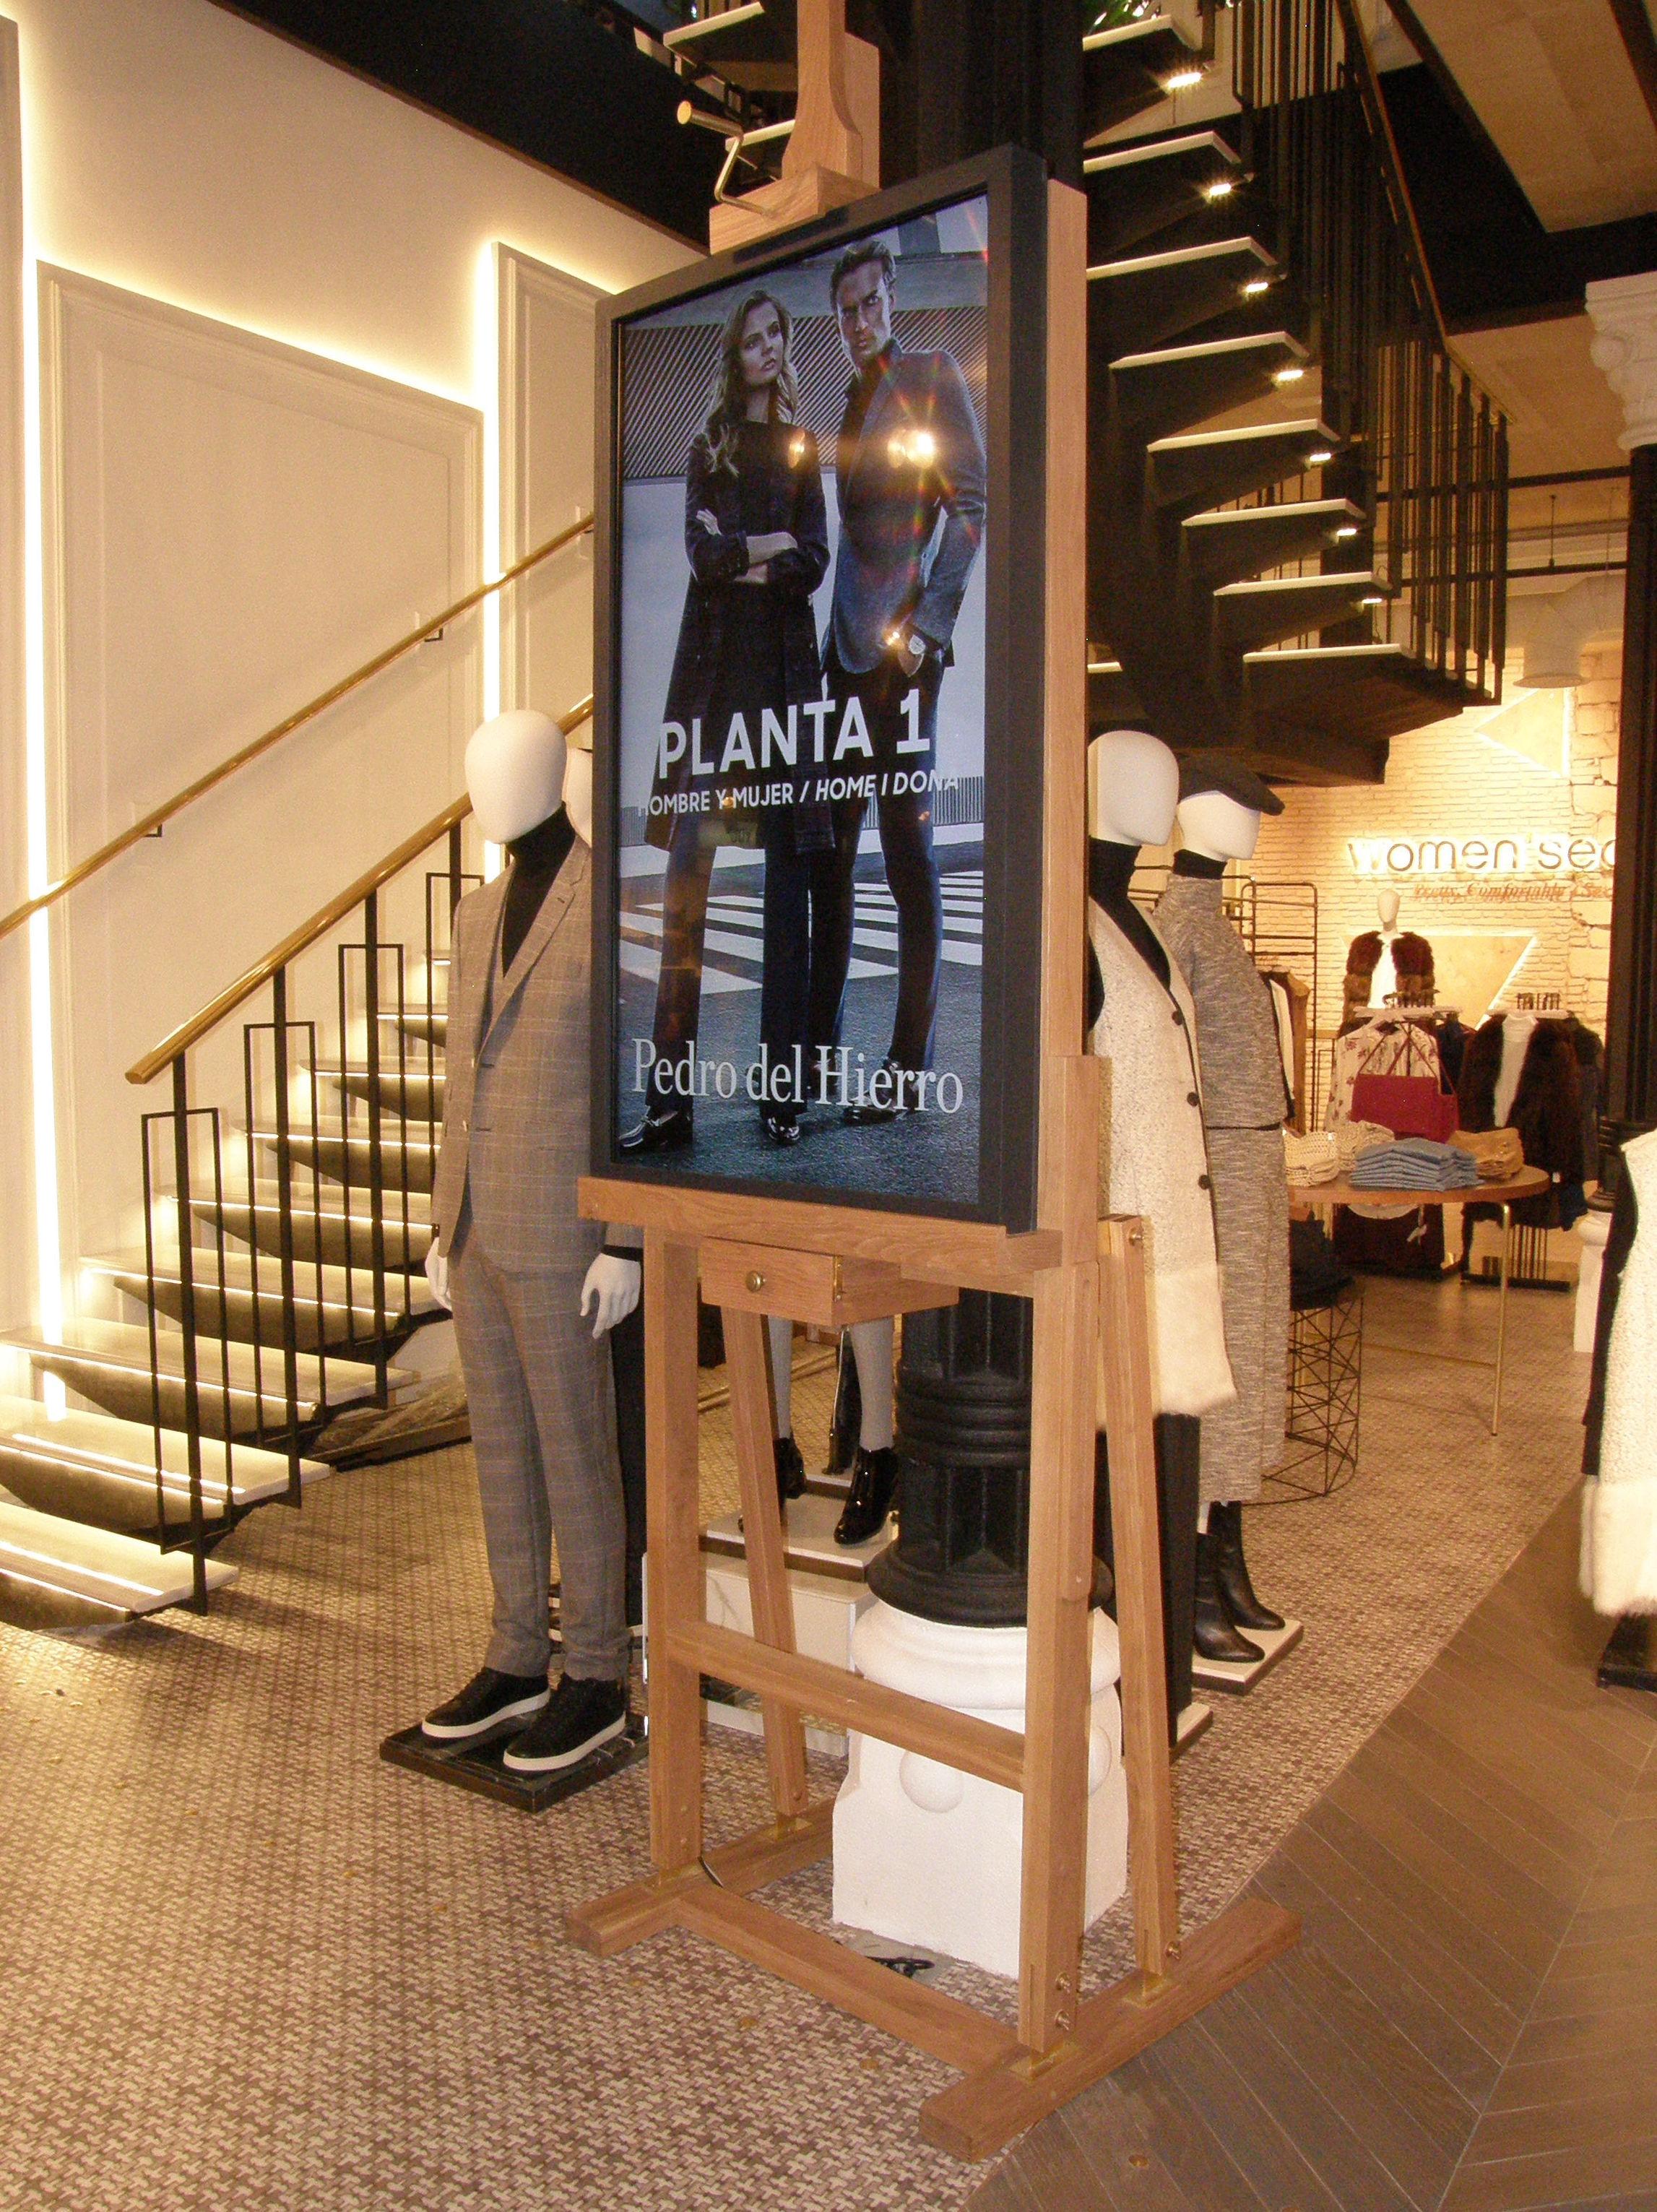 Escalera de tienda de ropa